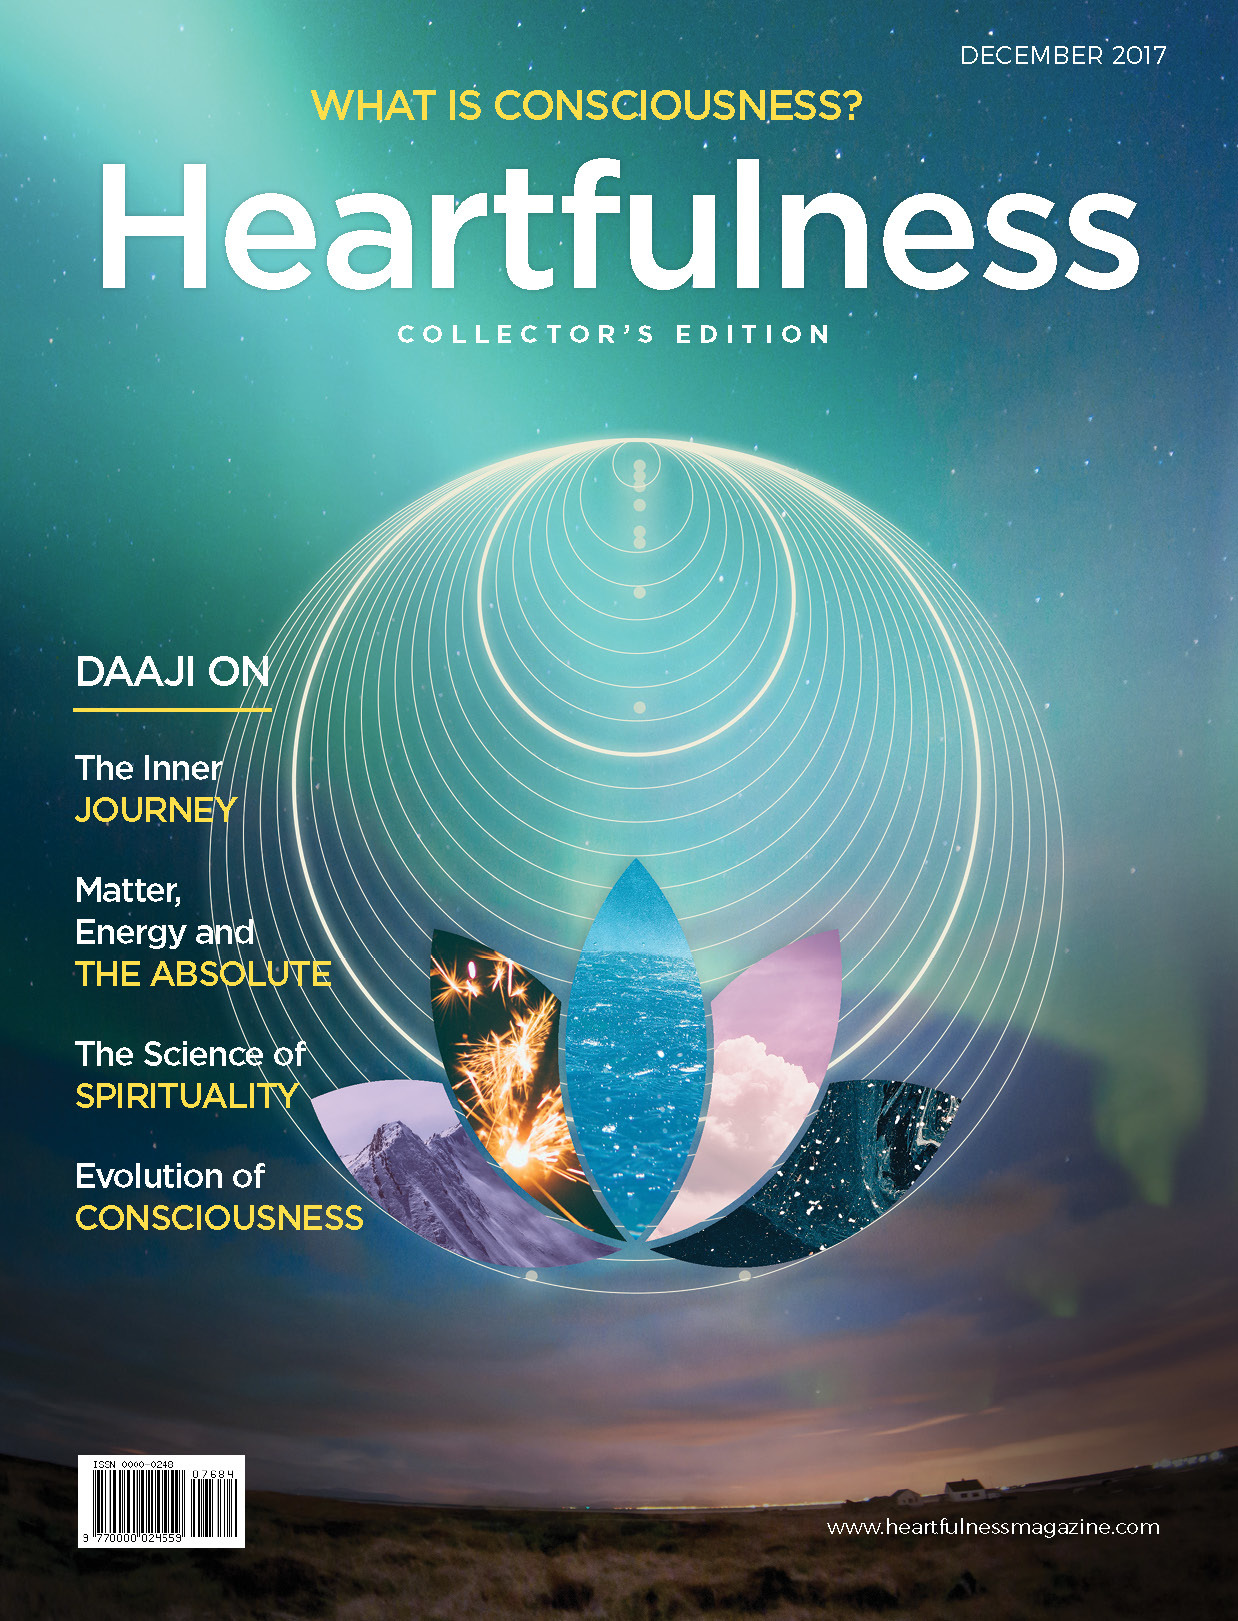 Heartfulness eMagazine – December 2017